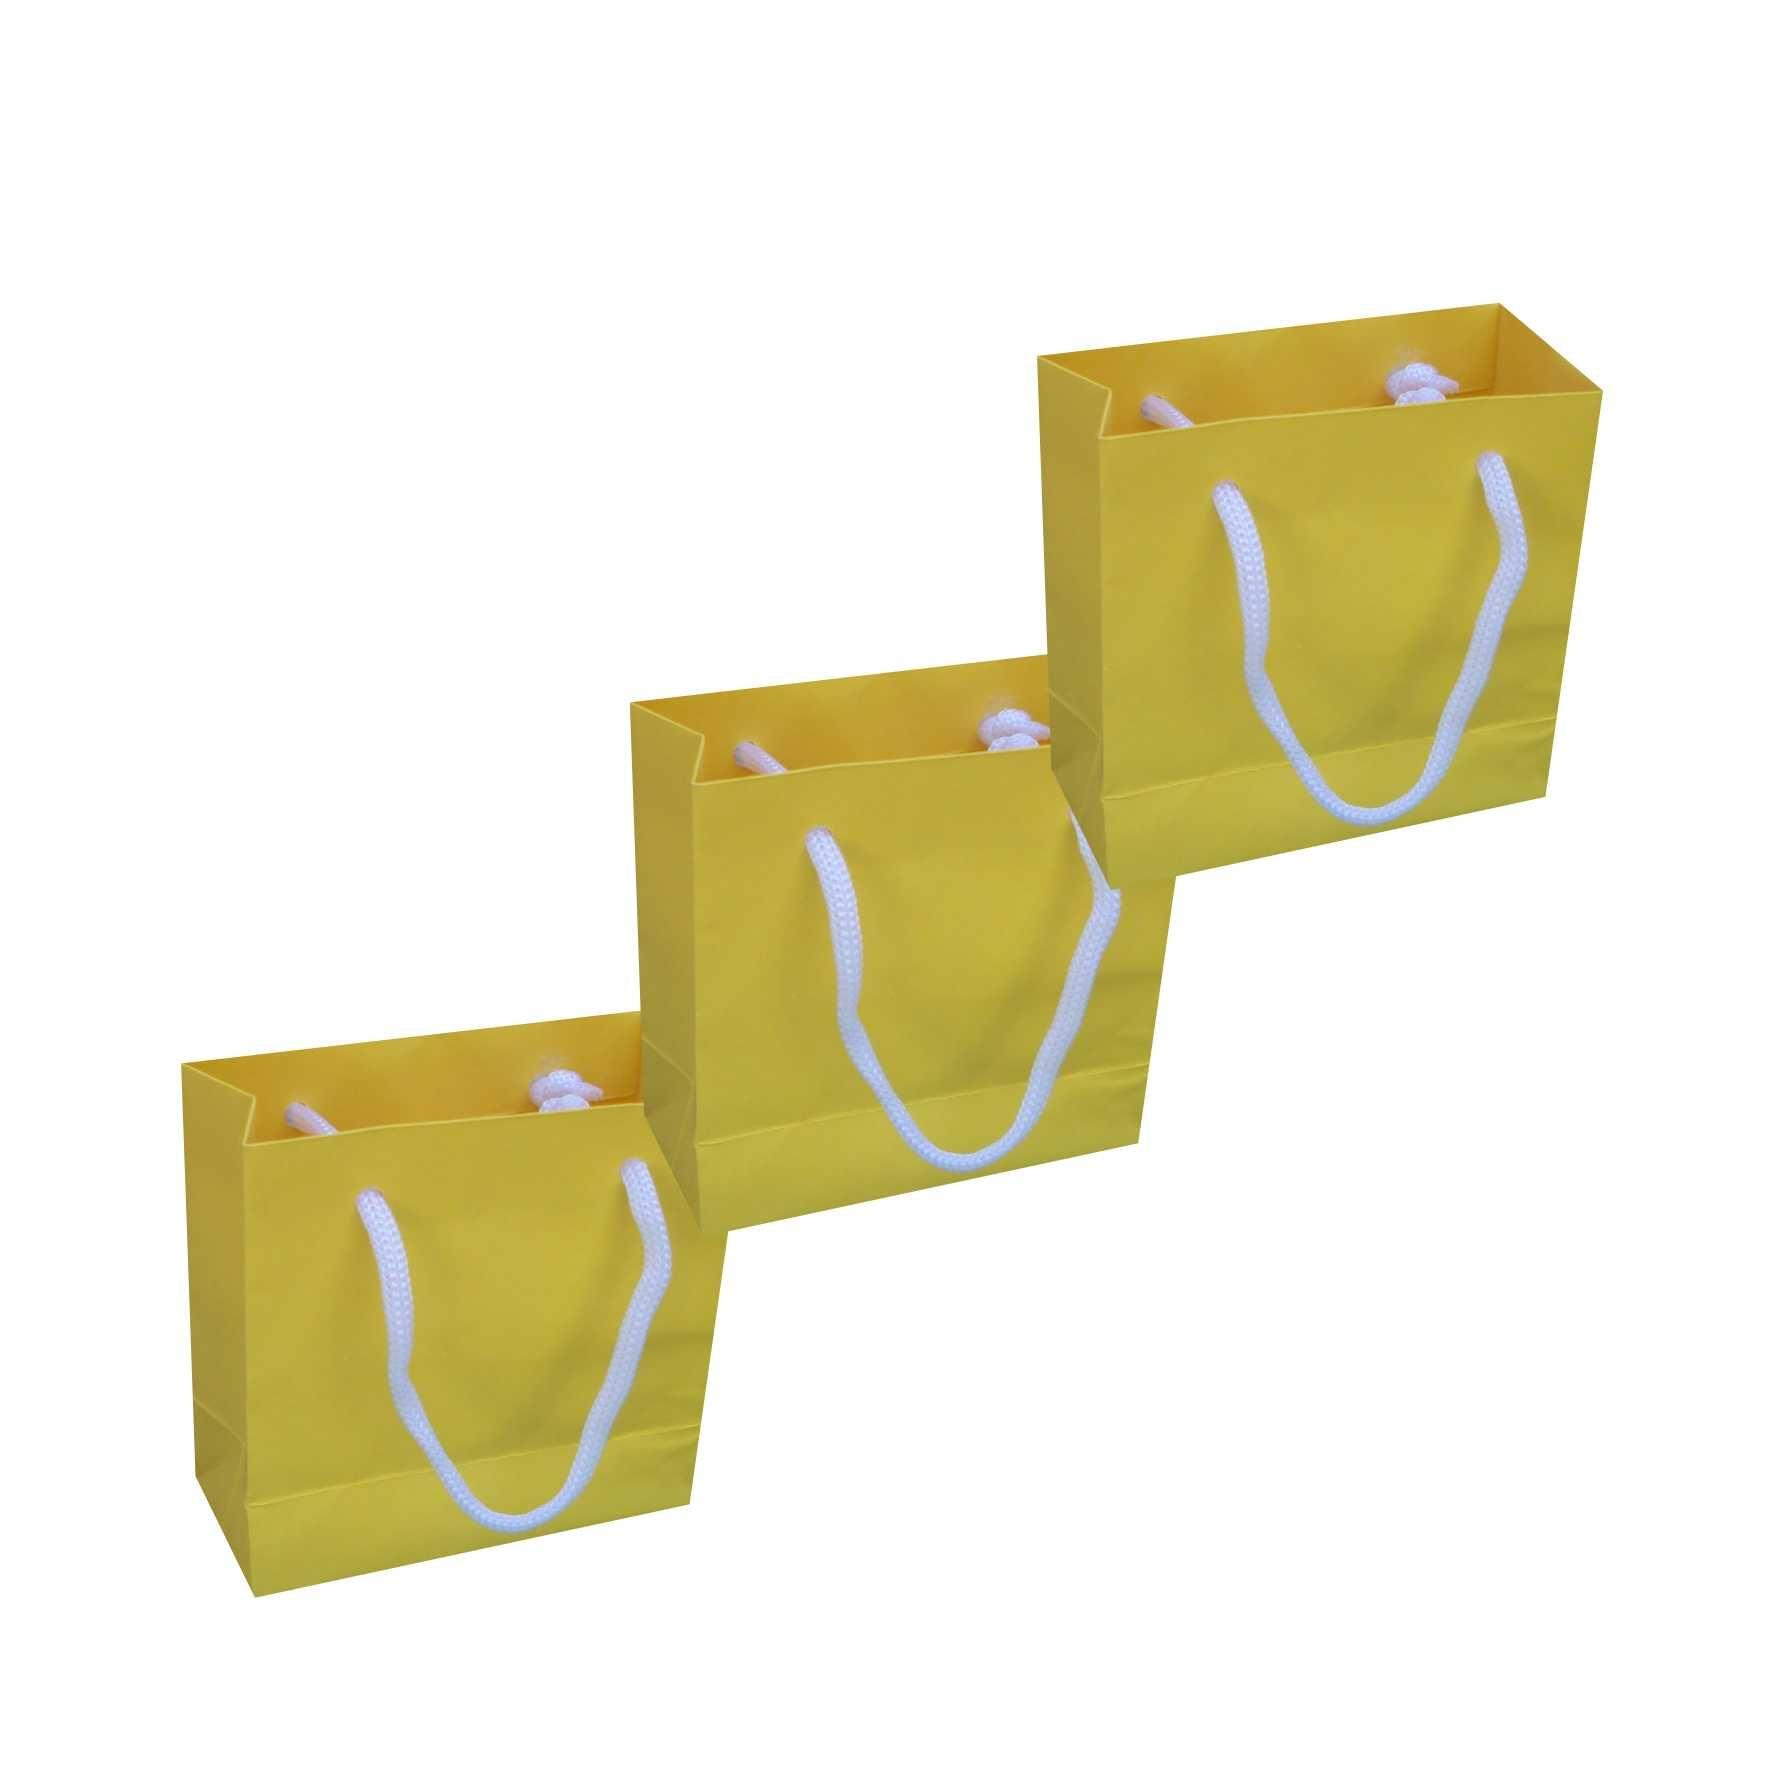 Sacola de papel mini (10x10x4,5 cm) - amarela - 10 unidades